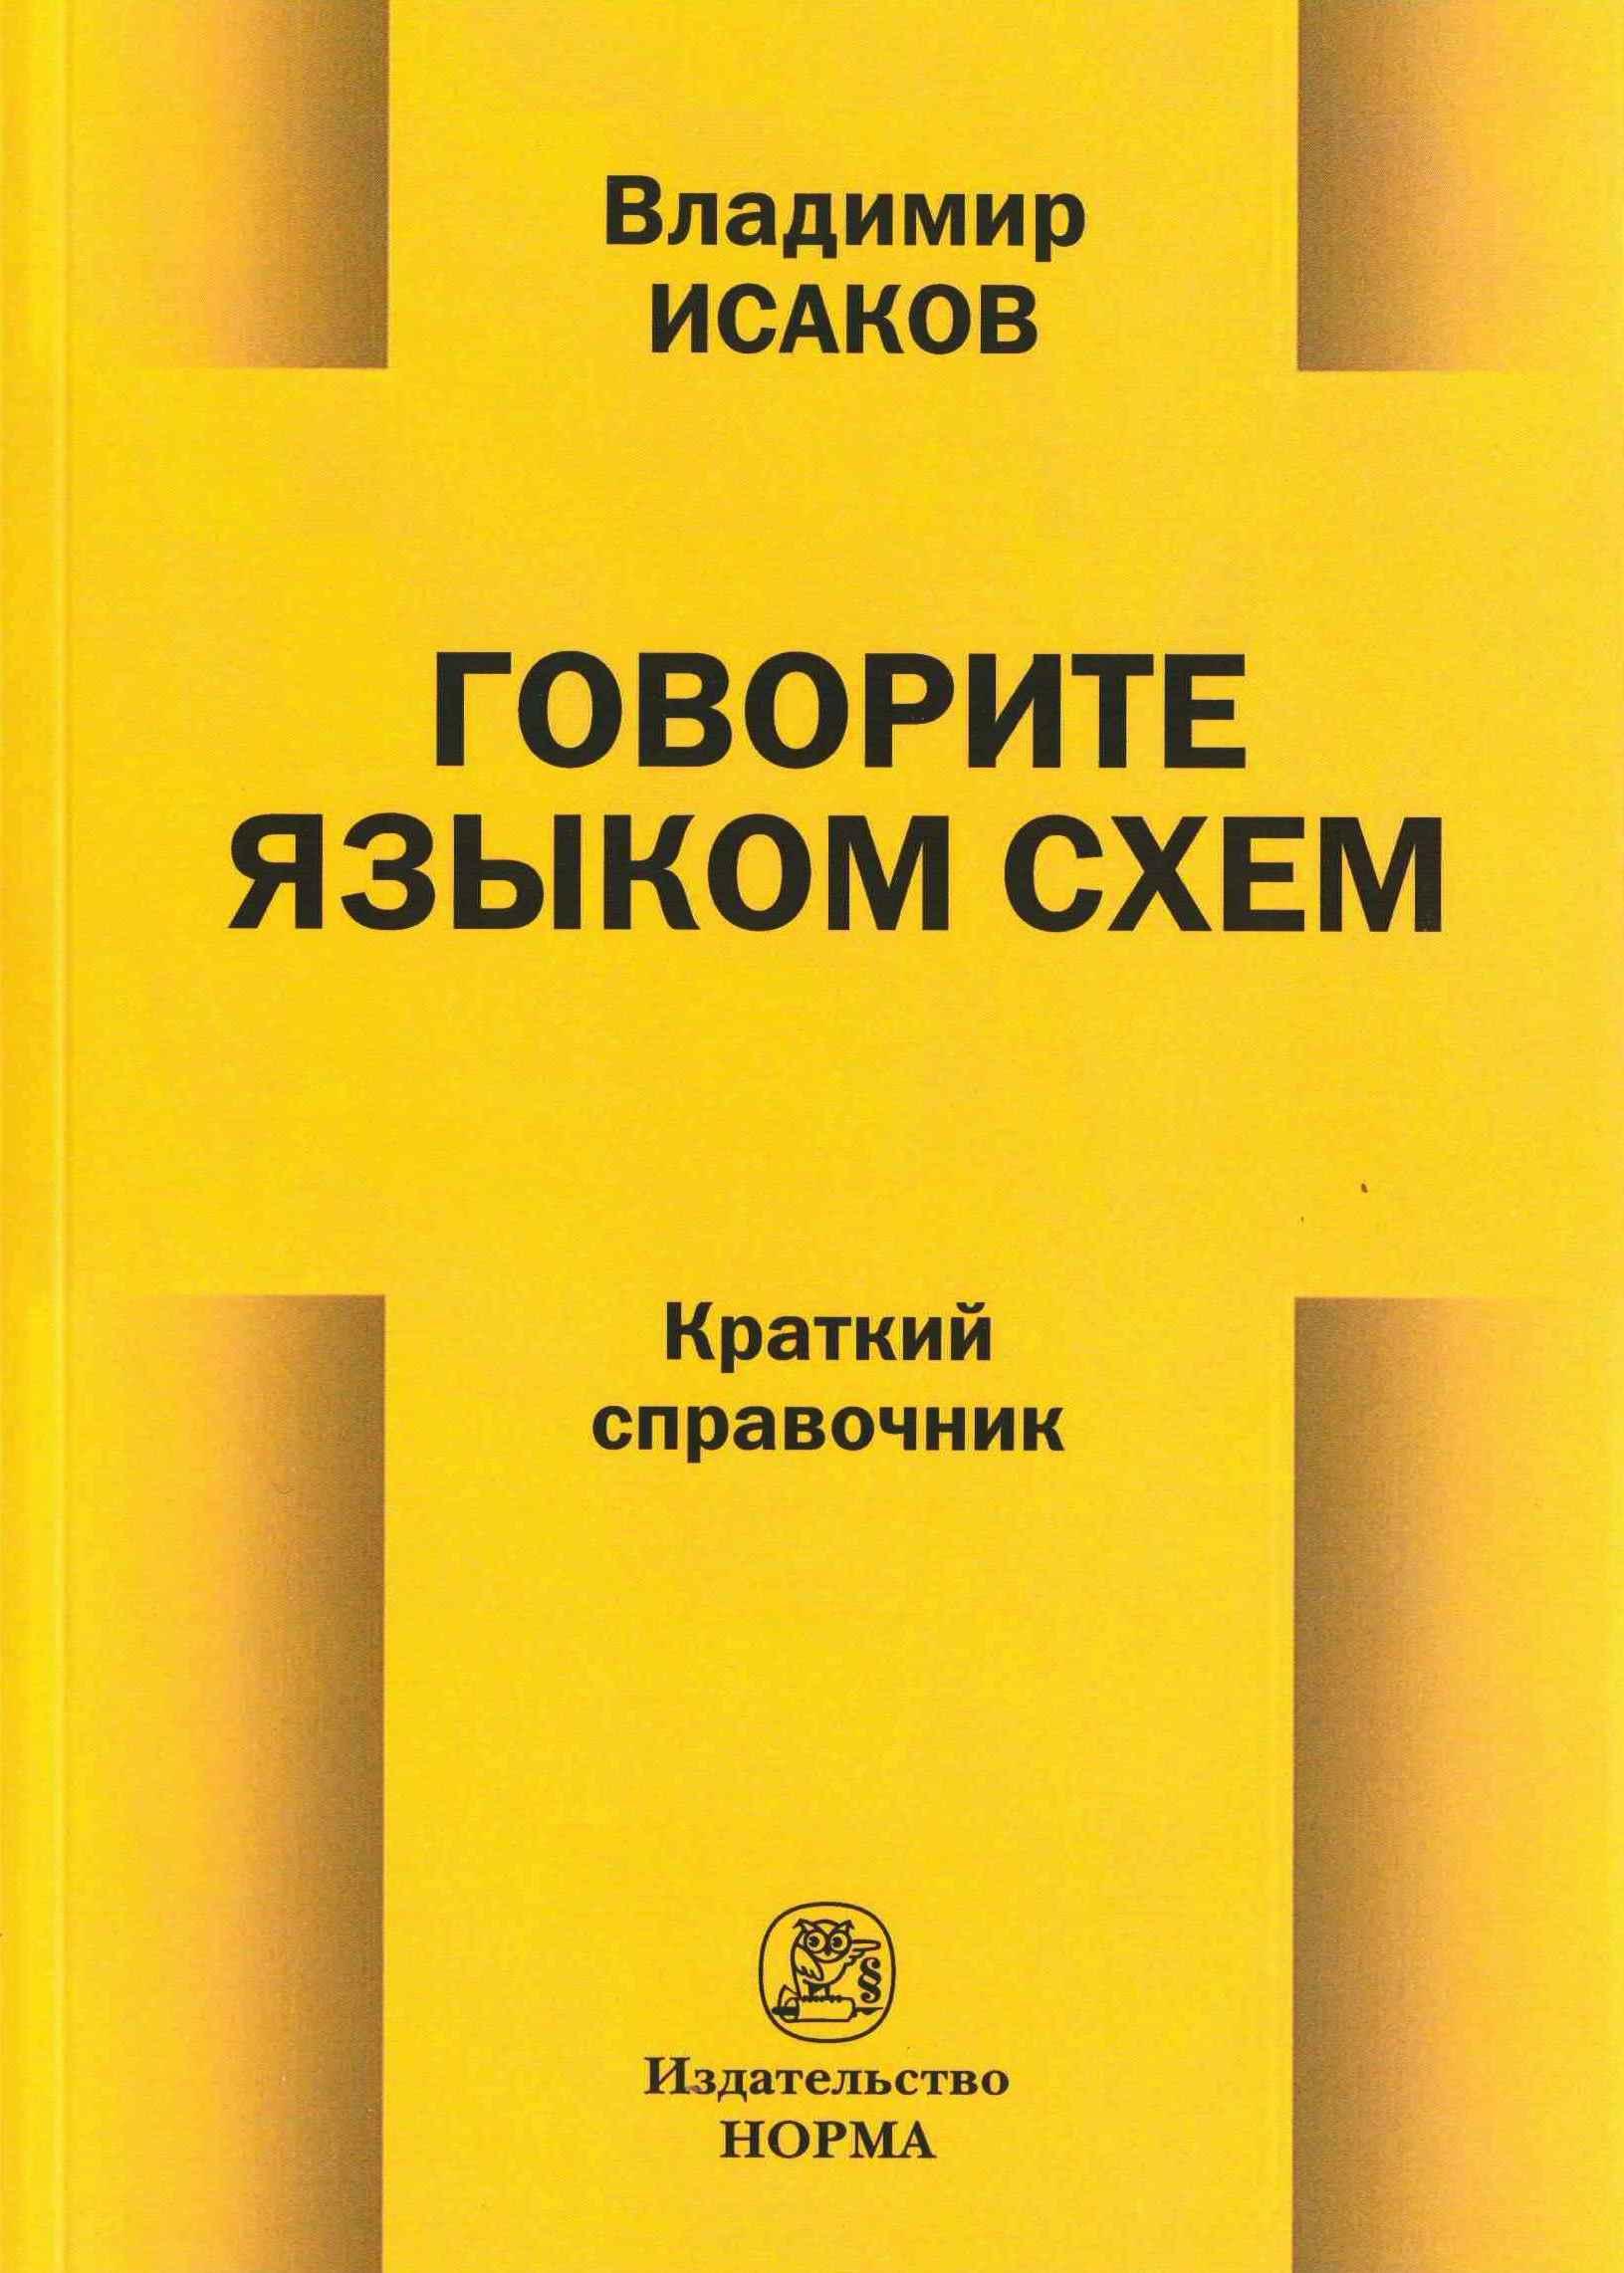 Исаков В.Б. Говорите языком схем: Краткий справочник